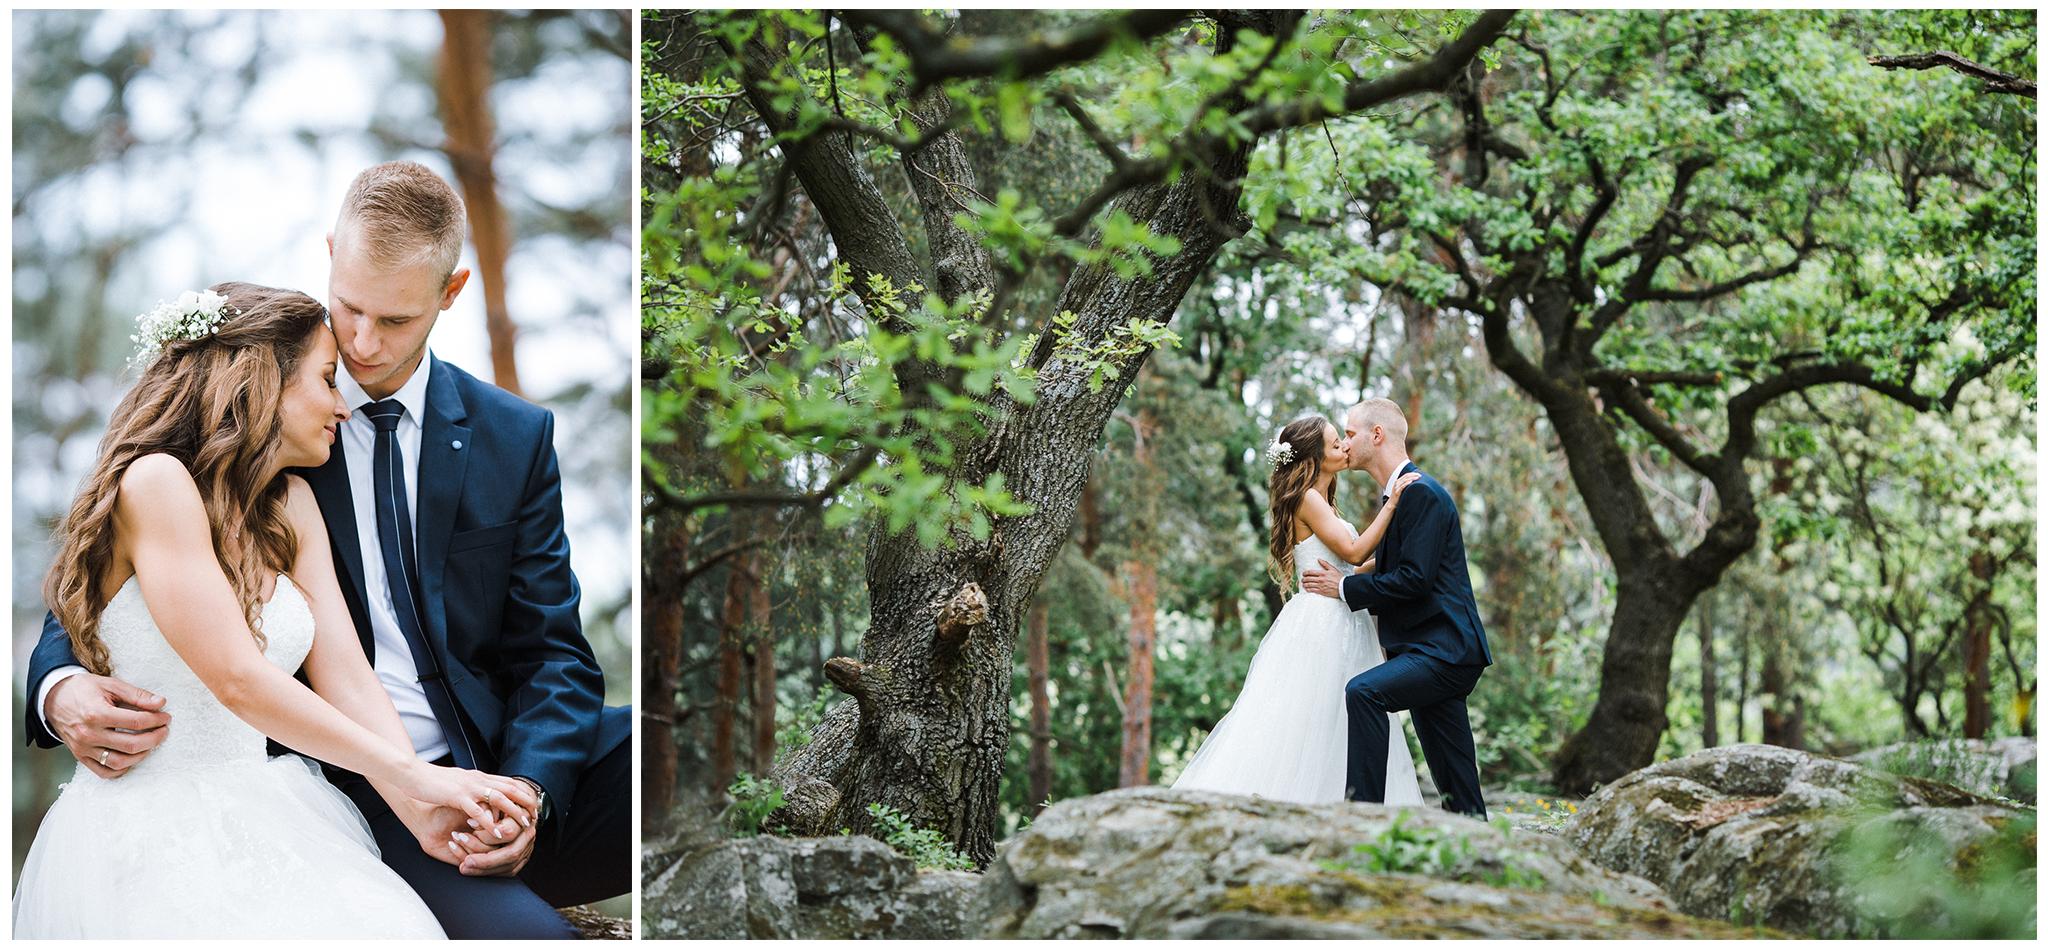 MONT_FylepPhoto, Esküvőfotós Vasmegye, Esküvő fotózás, Esküvői fotós, Körmend, Vas megye, Dunántúl, Budapest, Fülöp Péter, Jegyes fotózás, jegyes, kreatív, kreatívfotózás, Balaton_Réka&Peti,2018_007.jpg